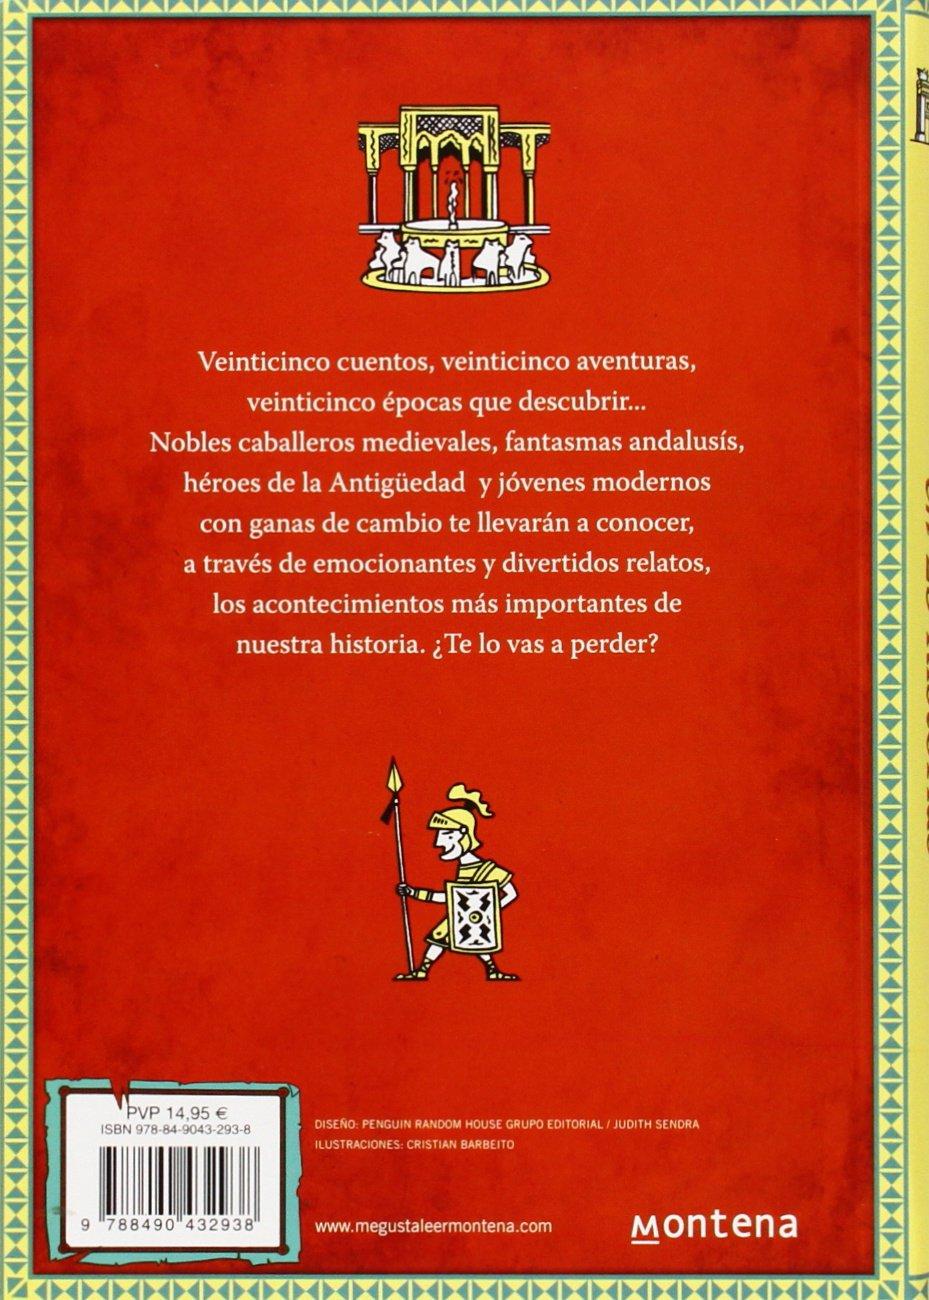 La historia de España en 25 historias No ficción ilustrados: Amazon.es:  Javier Alonso López: Libros